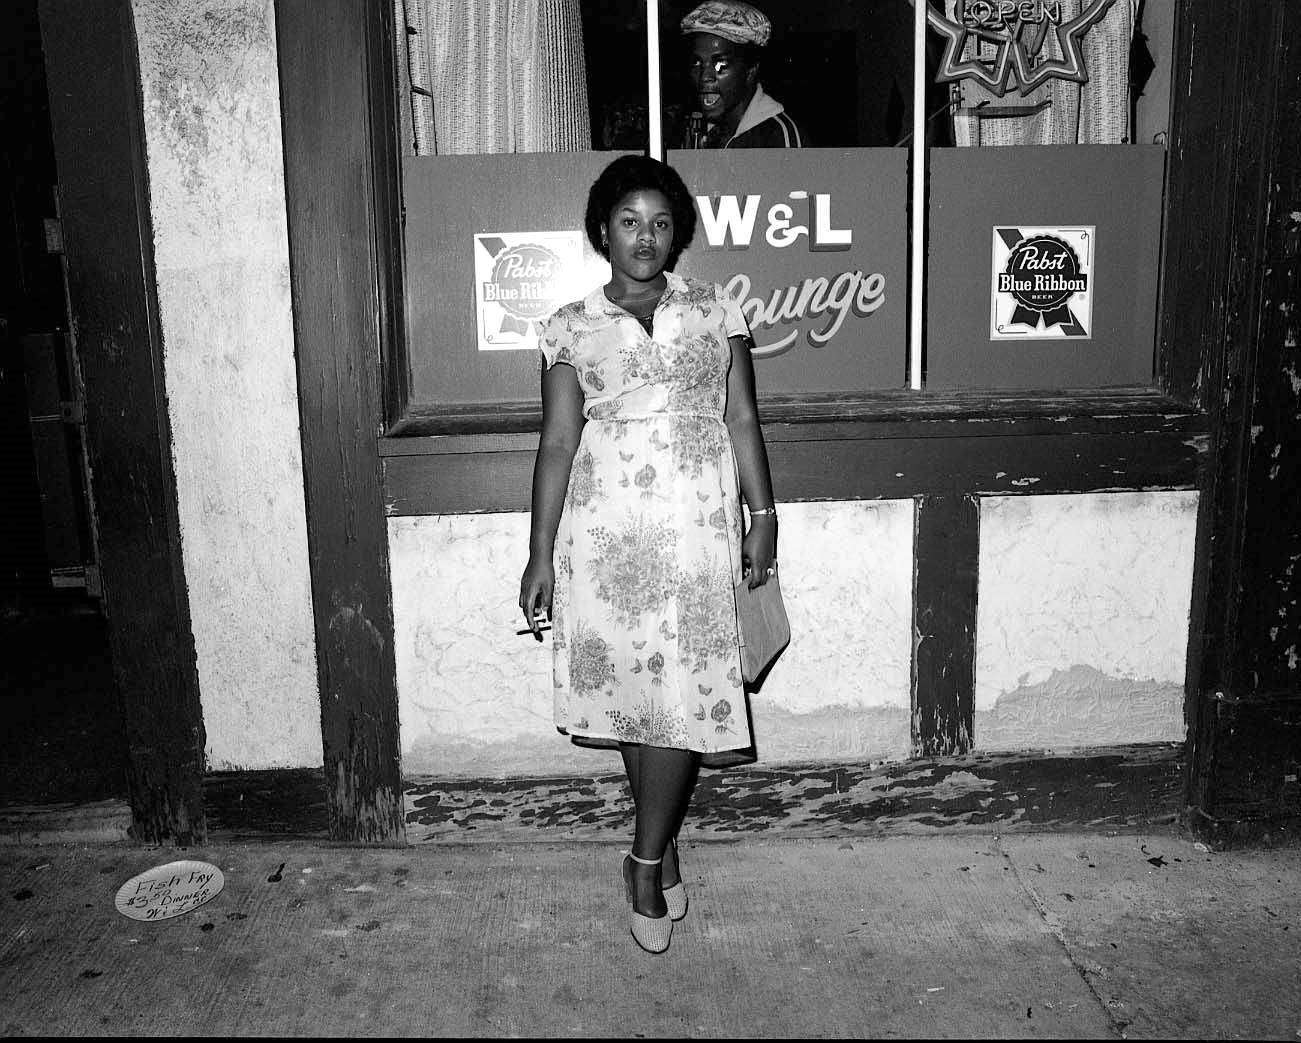 Woman outside W&L.jpg